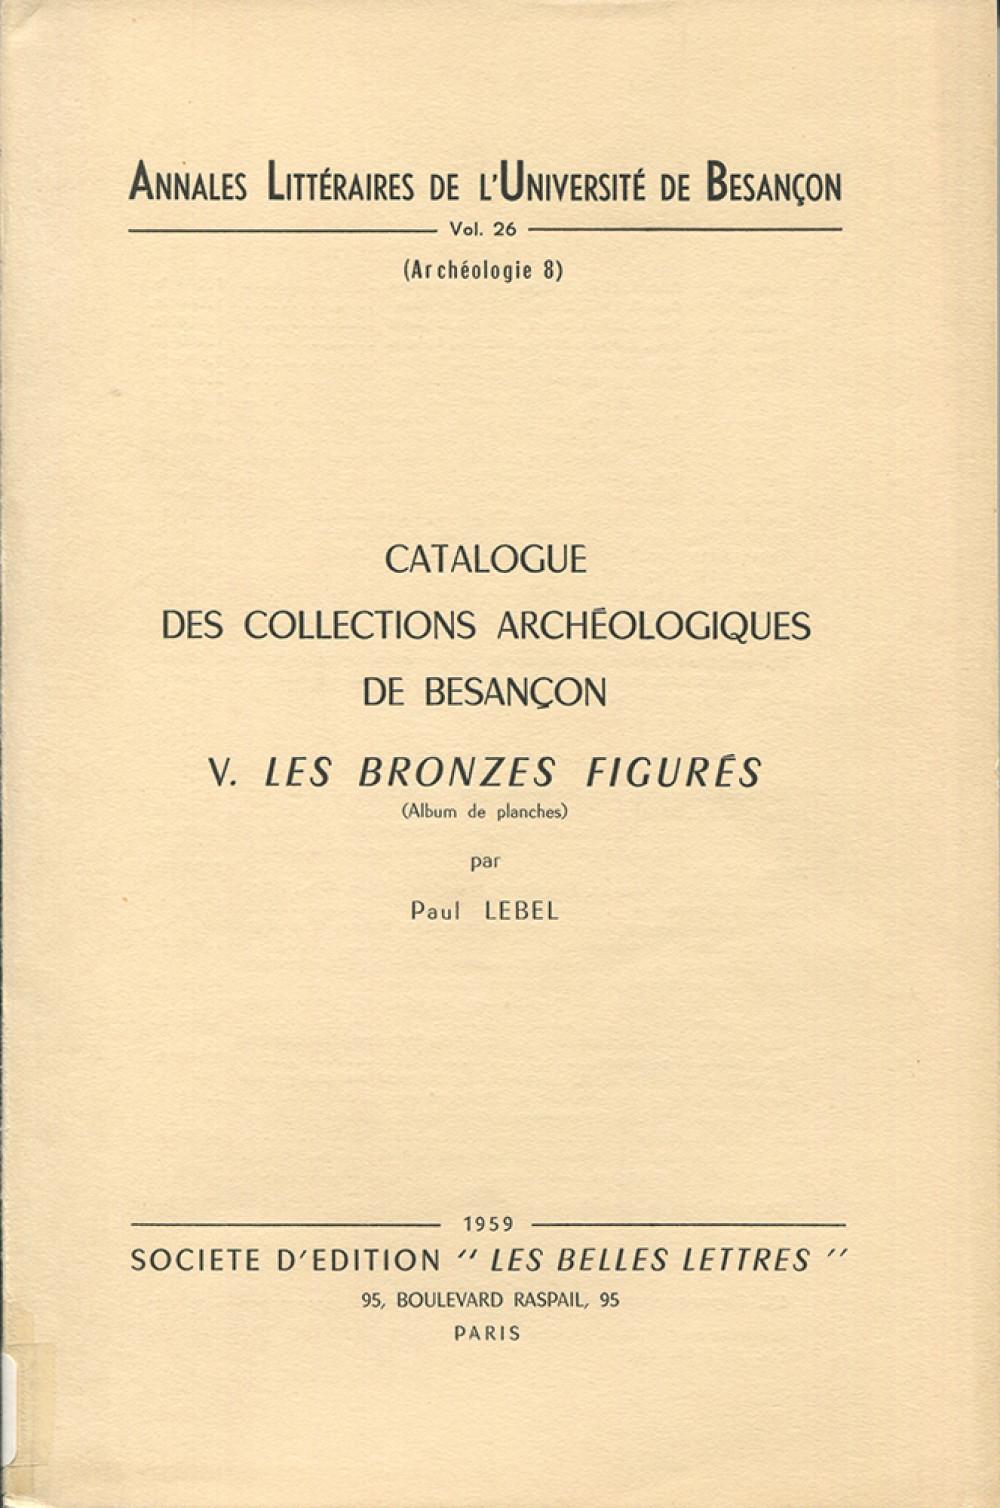 Catalogue des collections archéologiques de Besançon >br>V  – Les Bronzes figurés